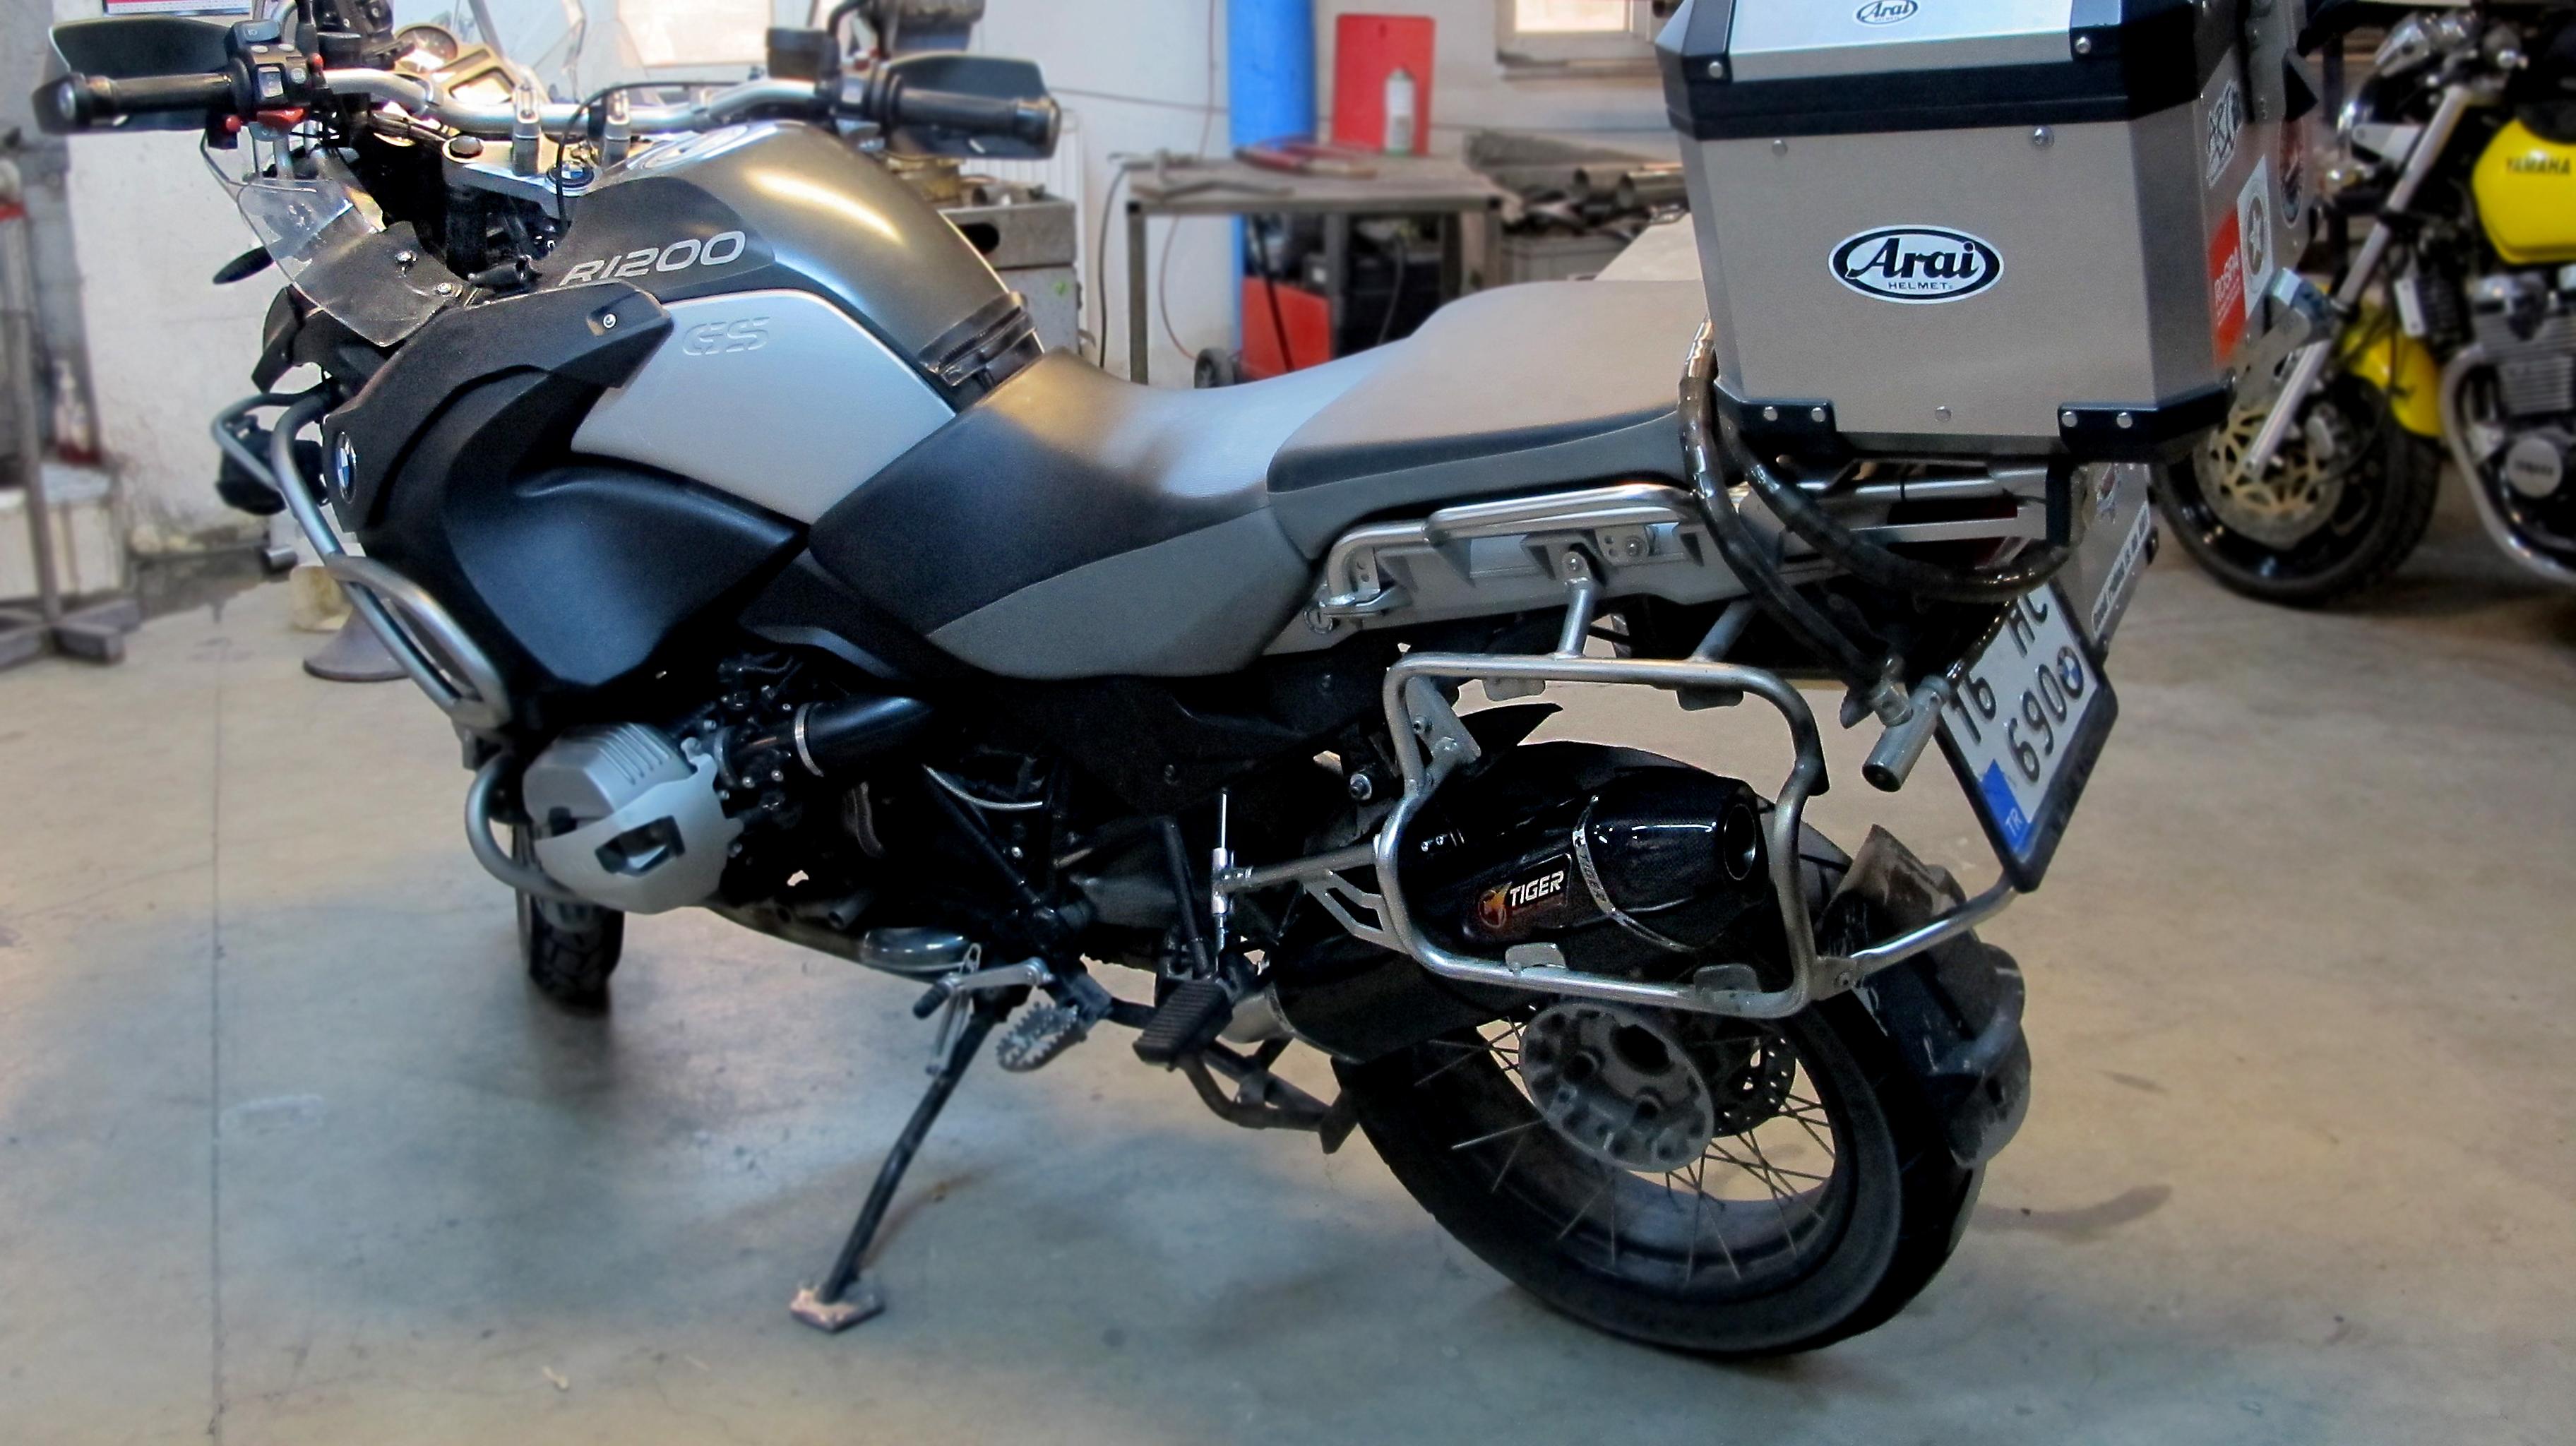 BMW GS 1200 F